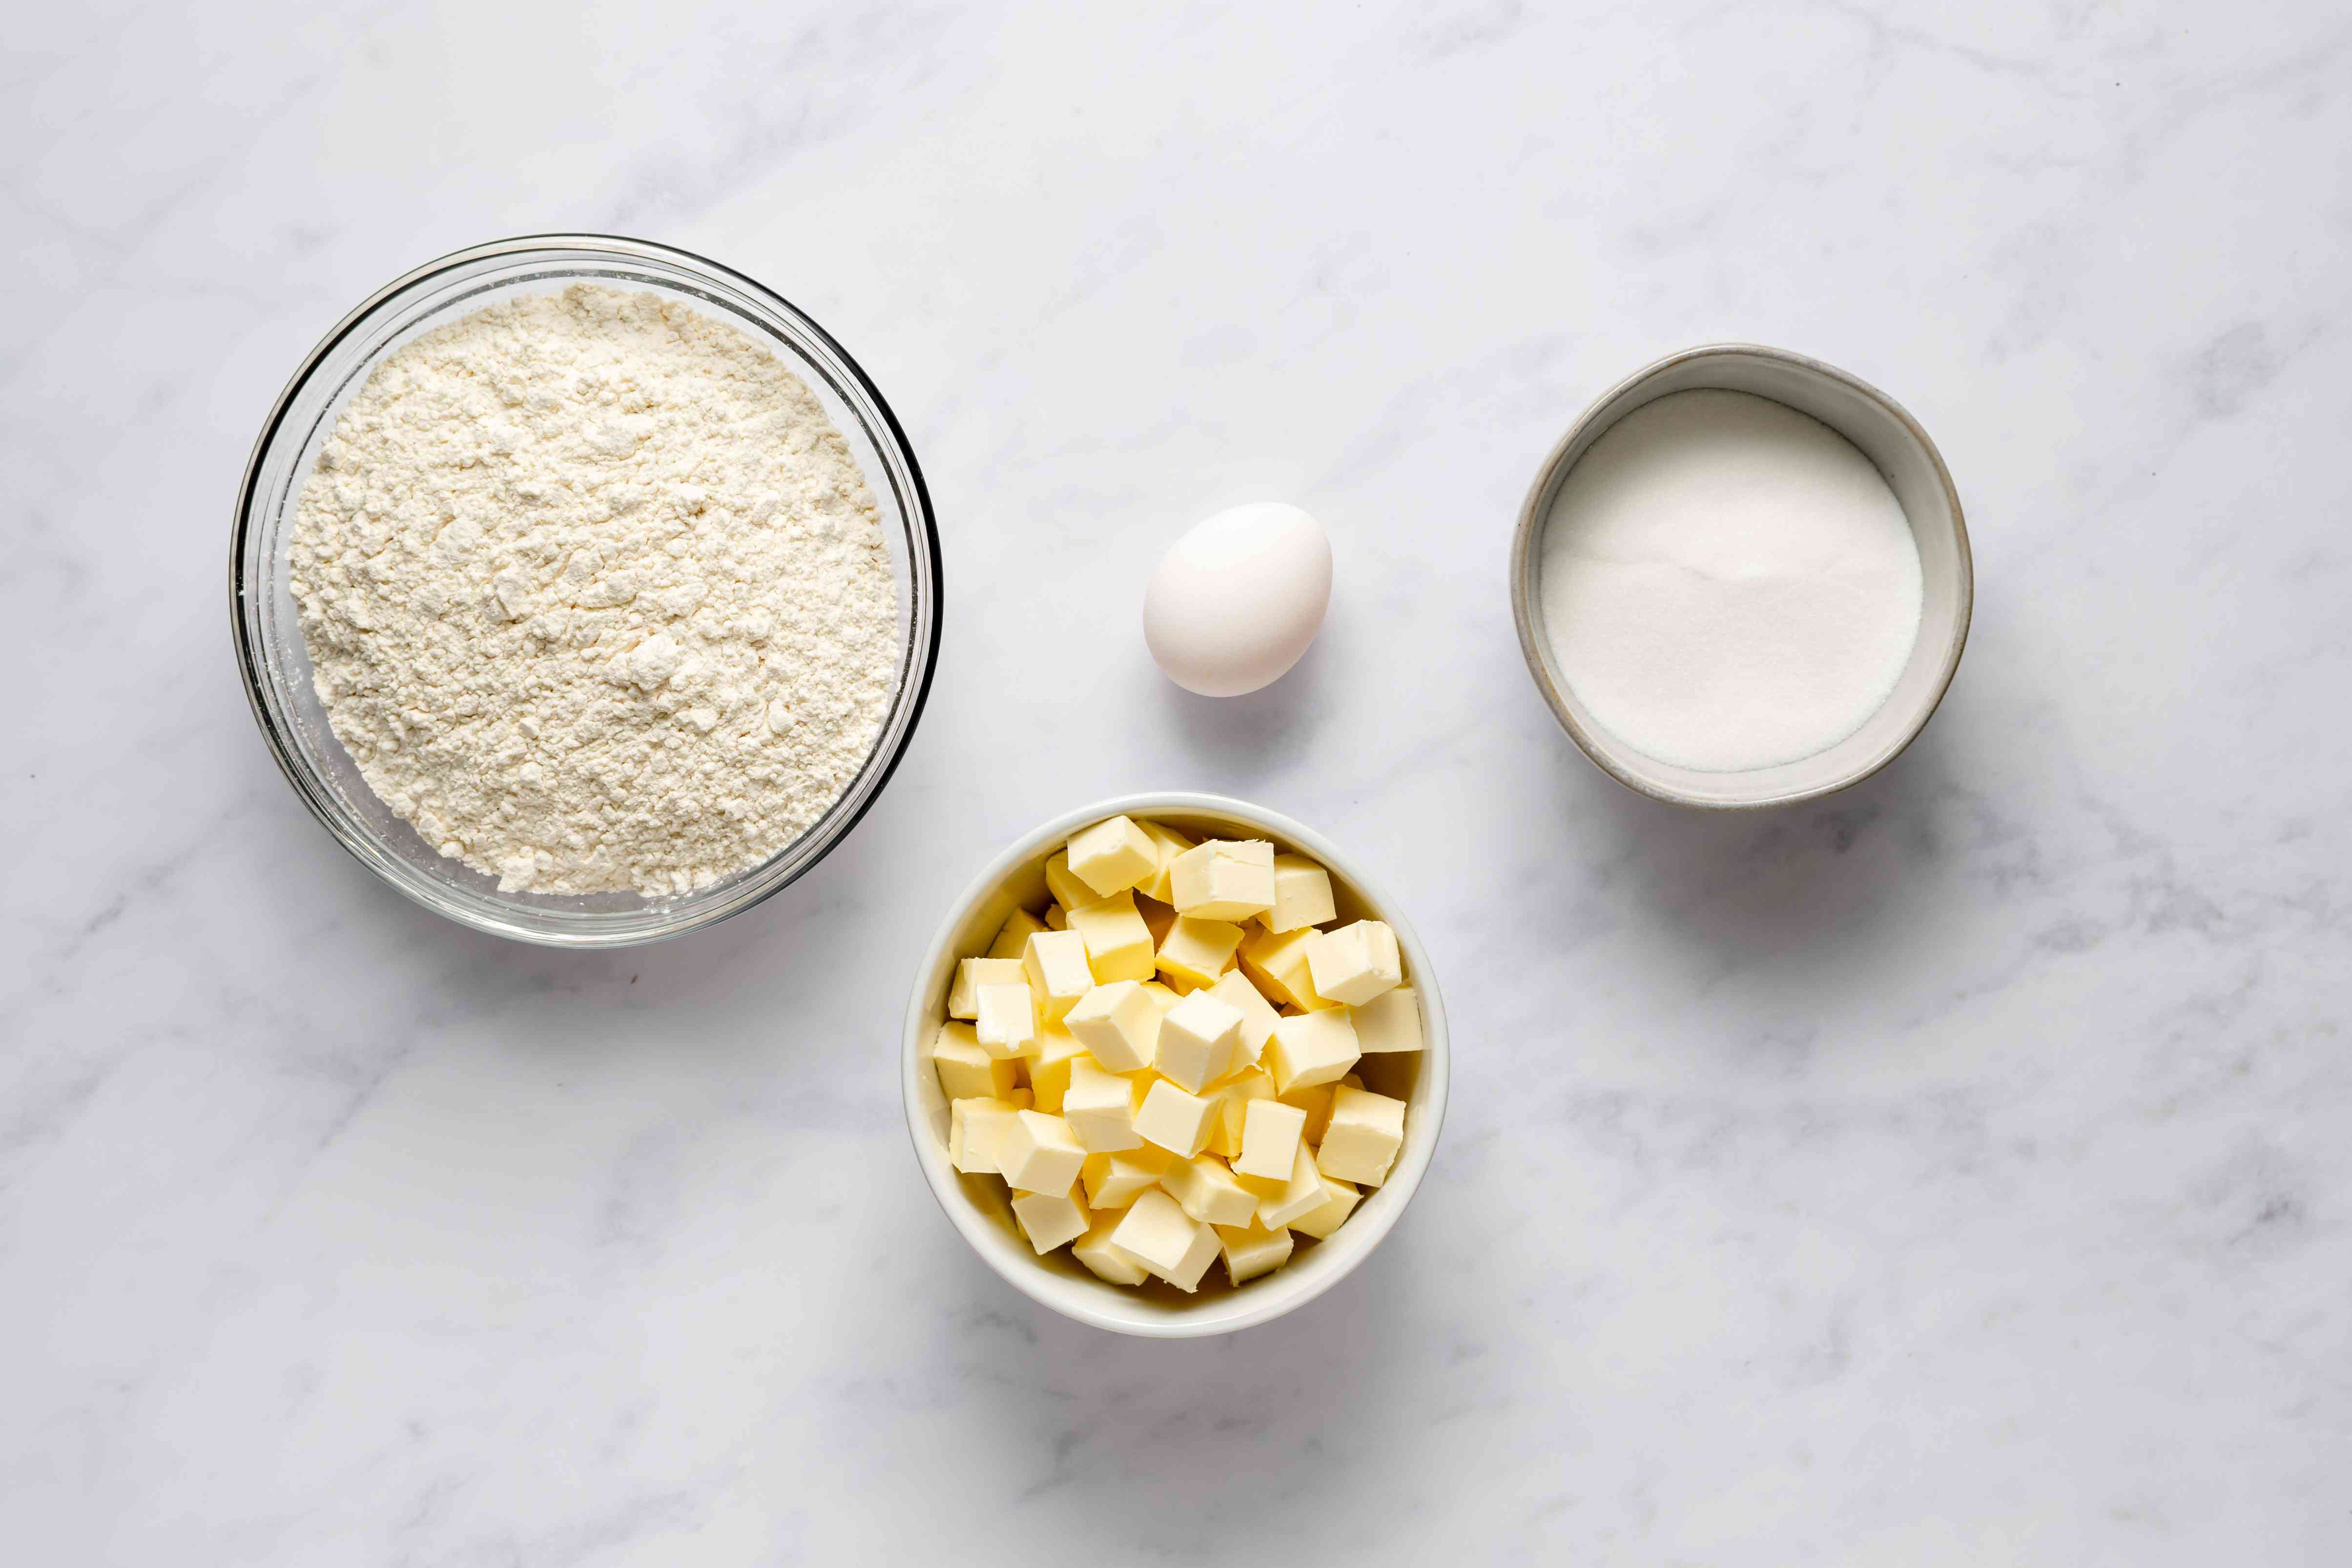 shortcrust dough ingredients